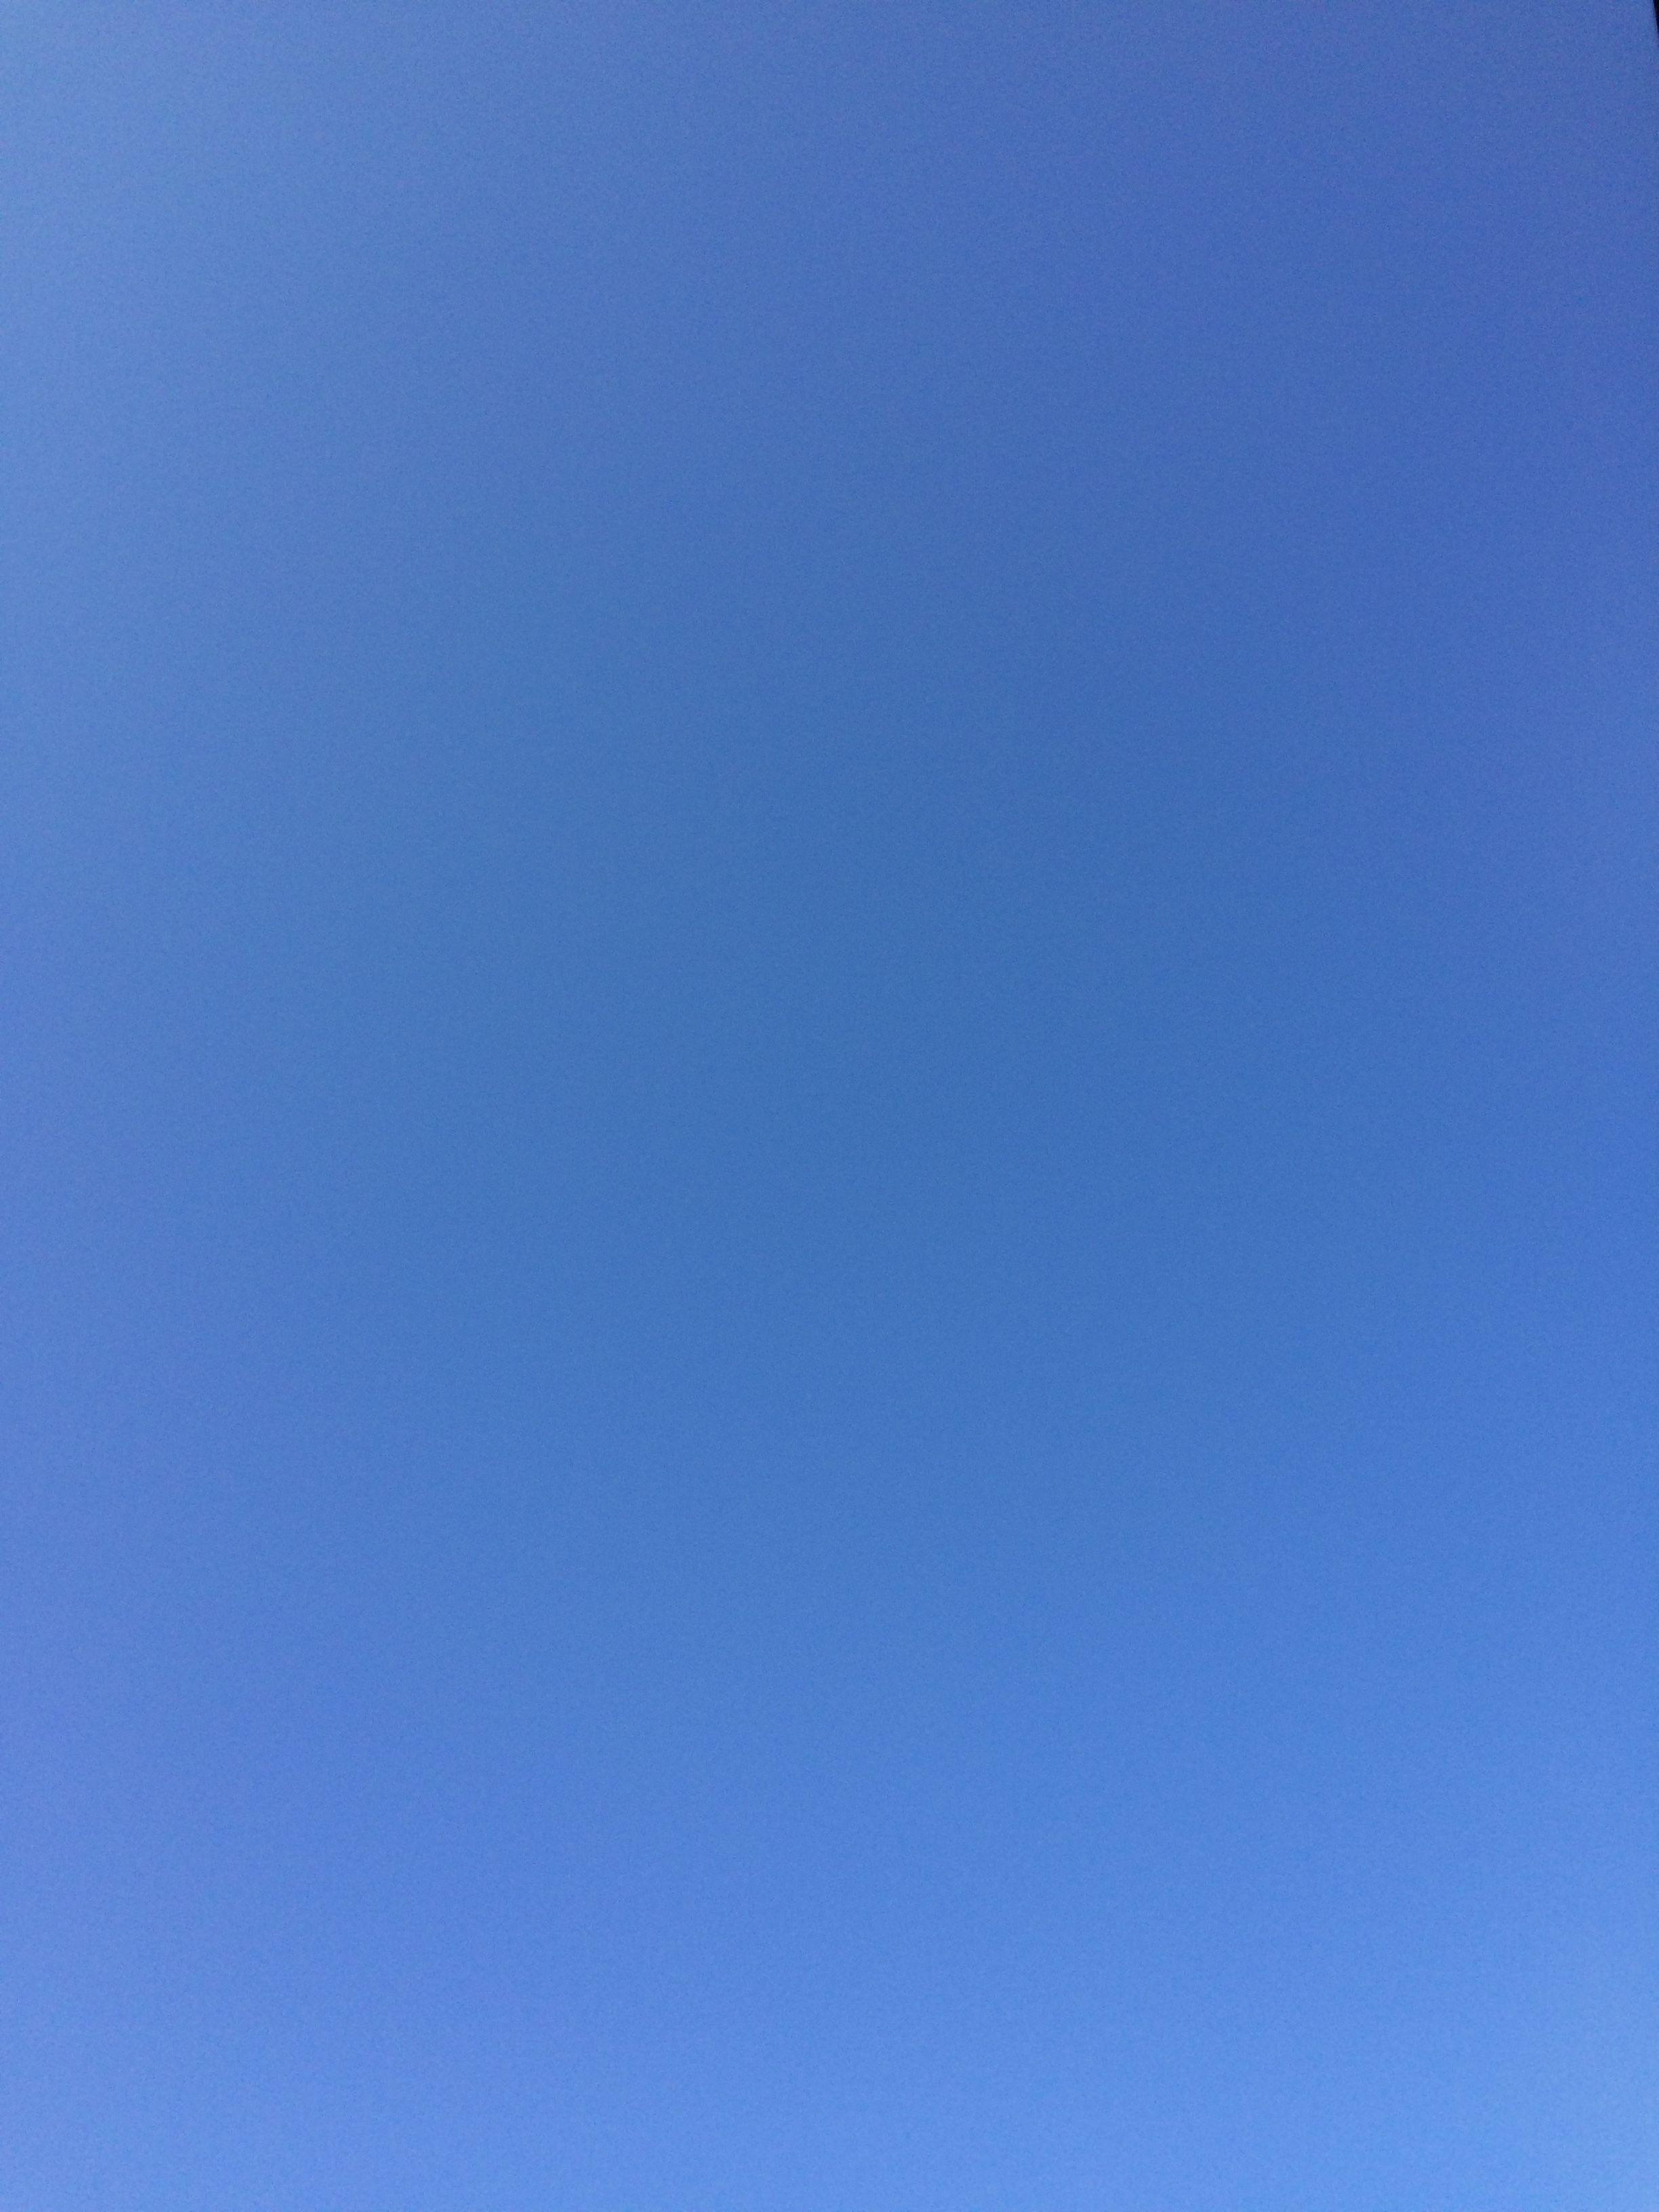 2017년 12월 16일의 하늘 sky Blue shades colors, Ombre